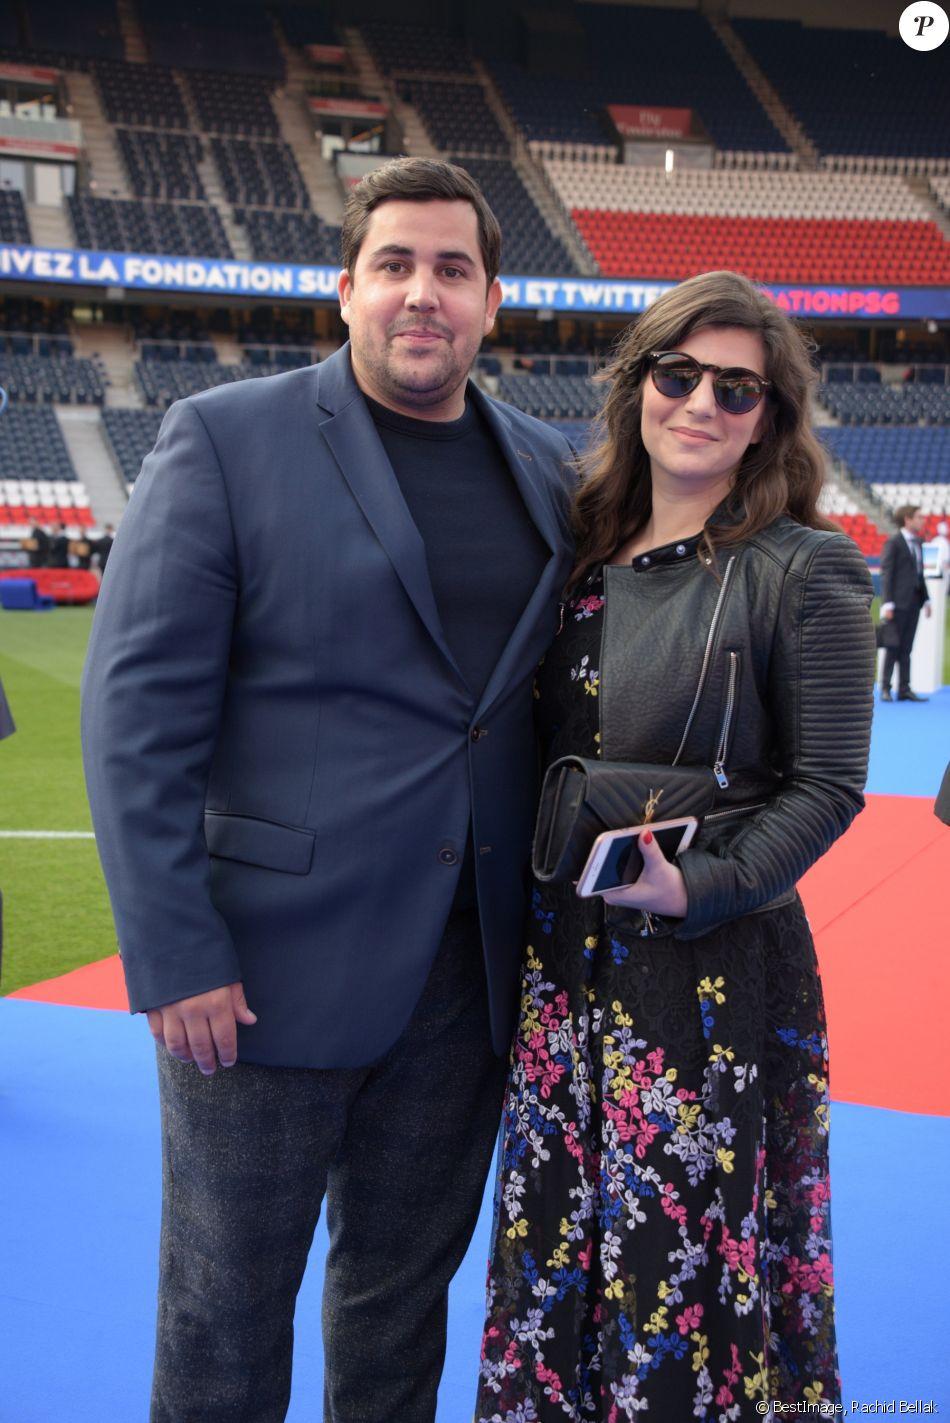 Exclusif - Artus et sa compagne Sarah Nasrallah au 5ème dîner de gala de la fondation Paris Saint-Germain au parc des Princes à Paris, France, le 15 mai 2018.